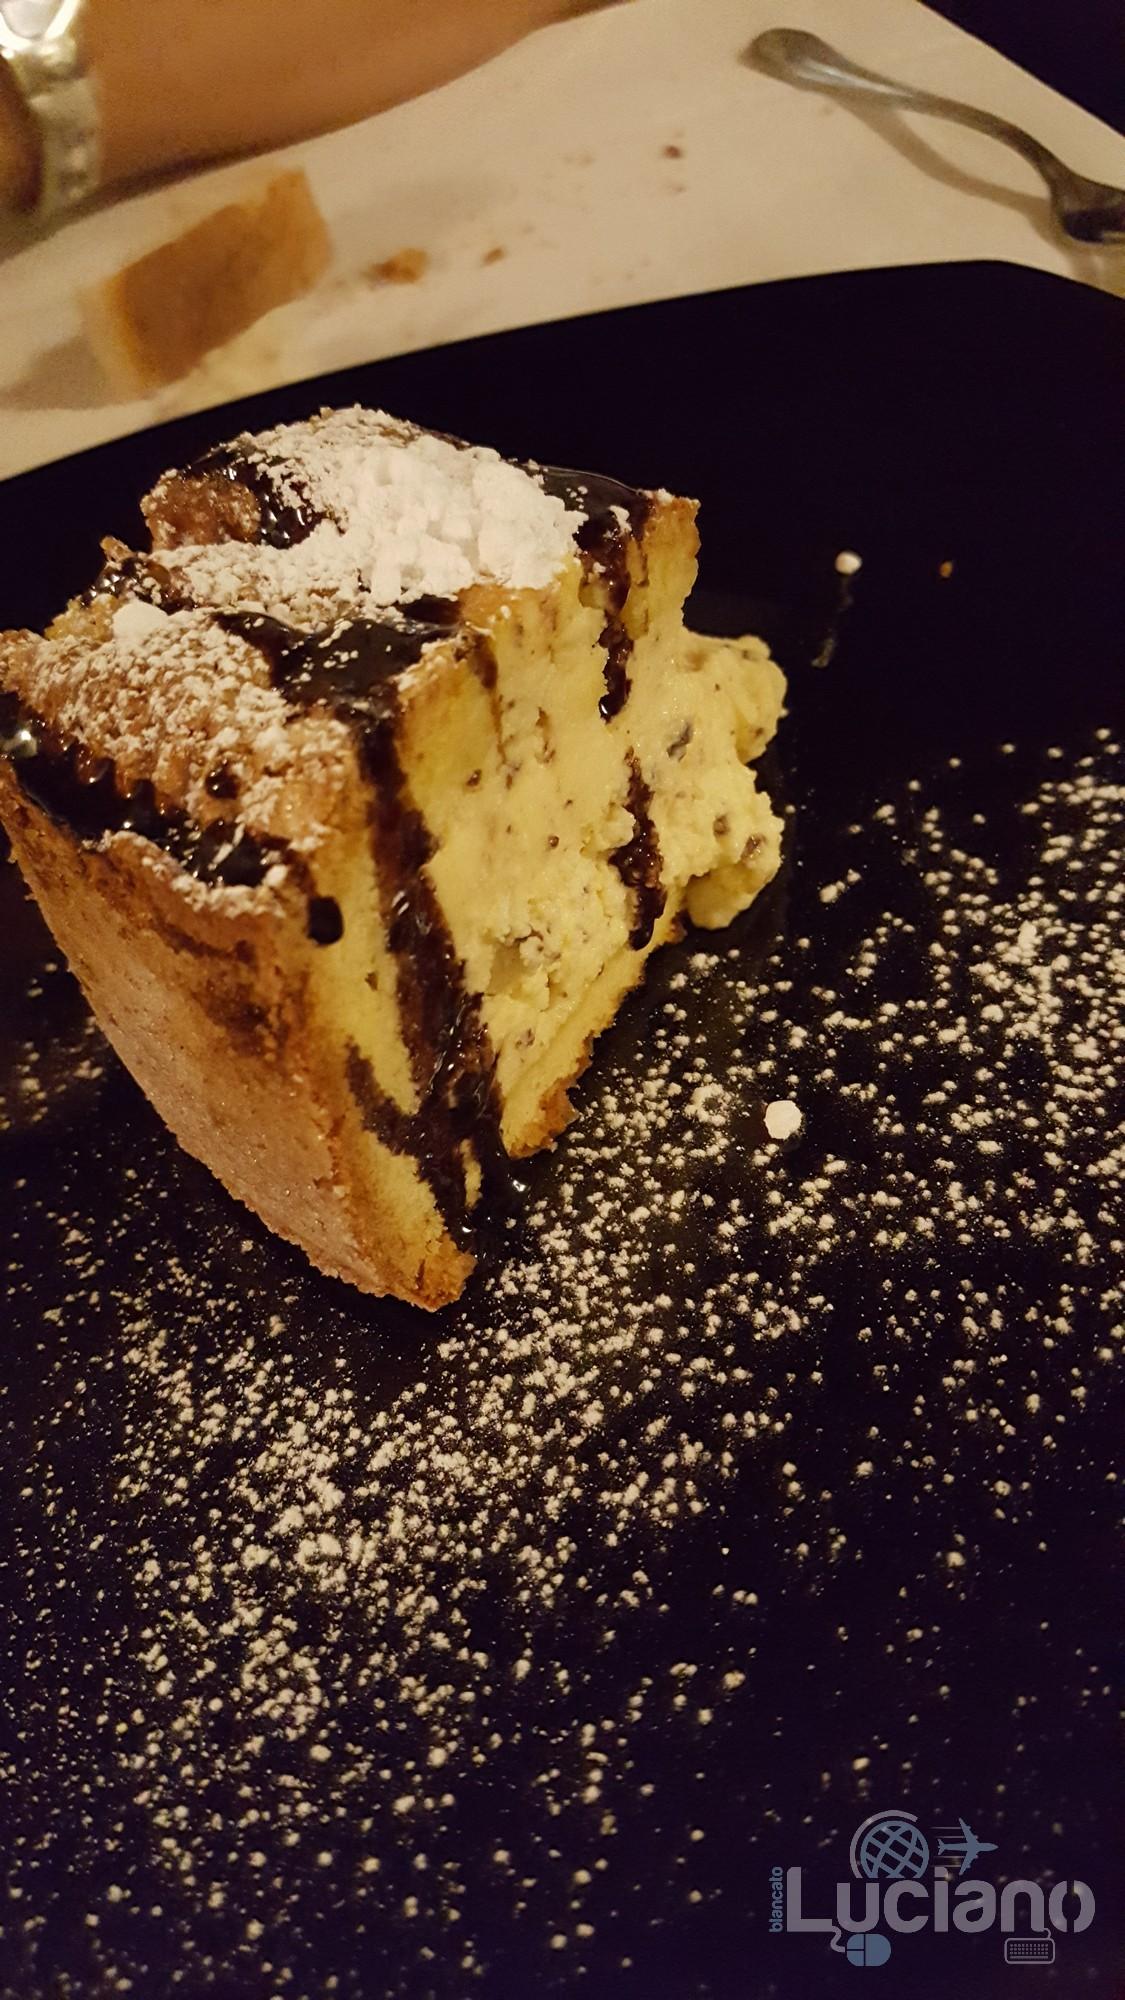 Osteria - Conchetta - Milano - Cucina Meneghina - Dolce